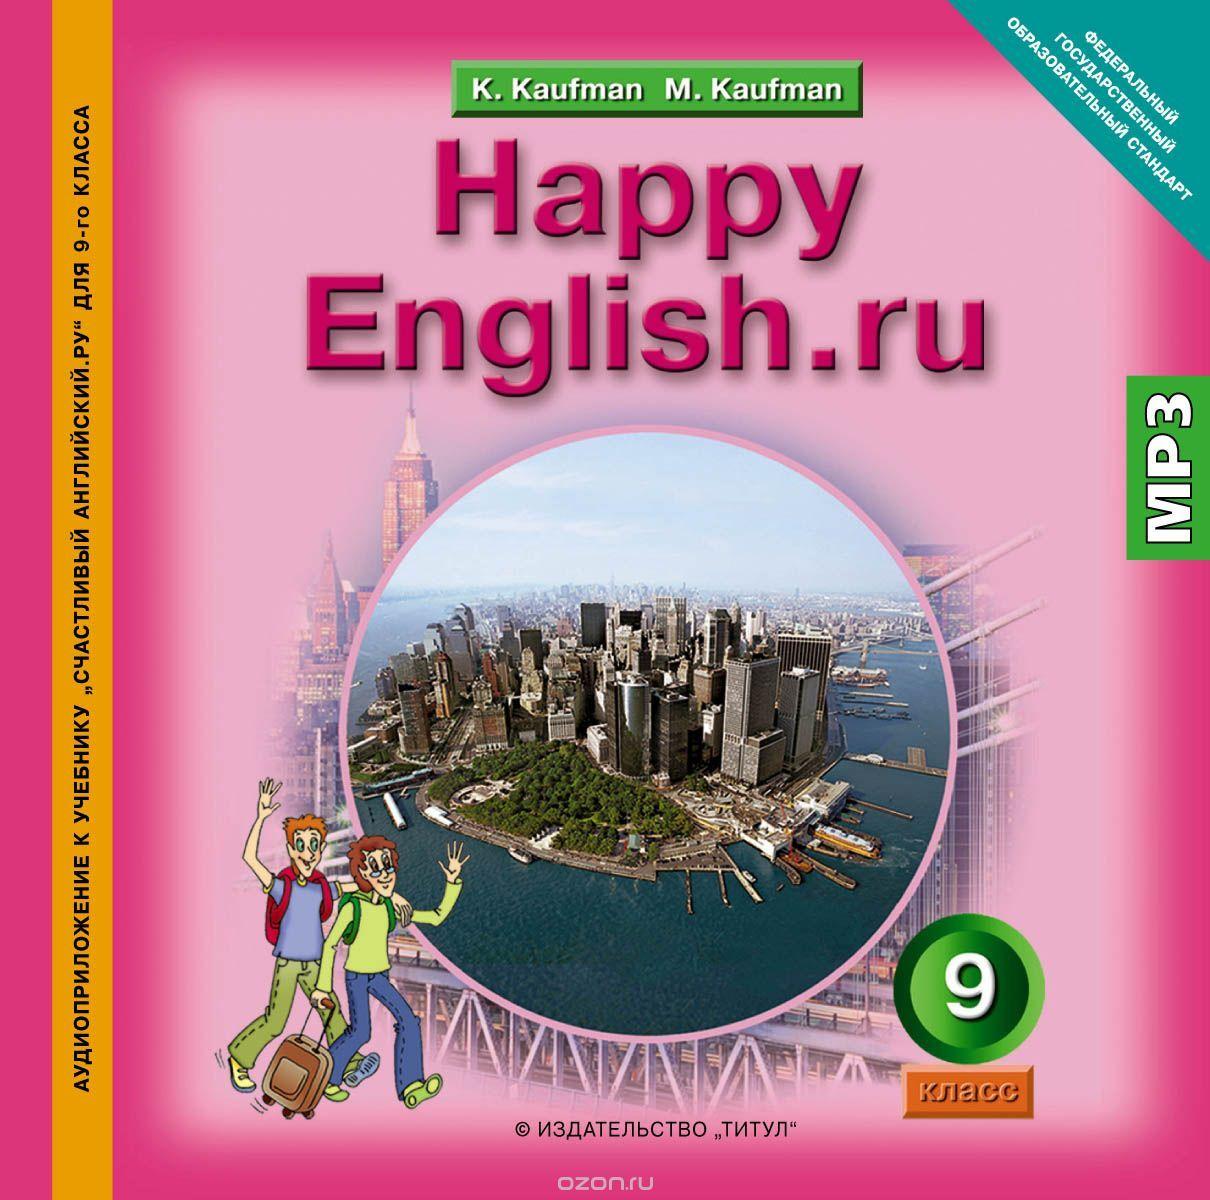 Аудиоприложение к учебнику 6 класса happy english